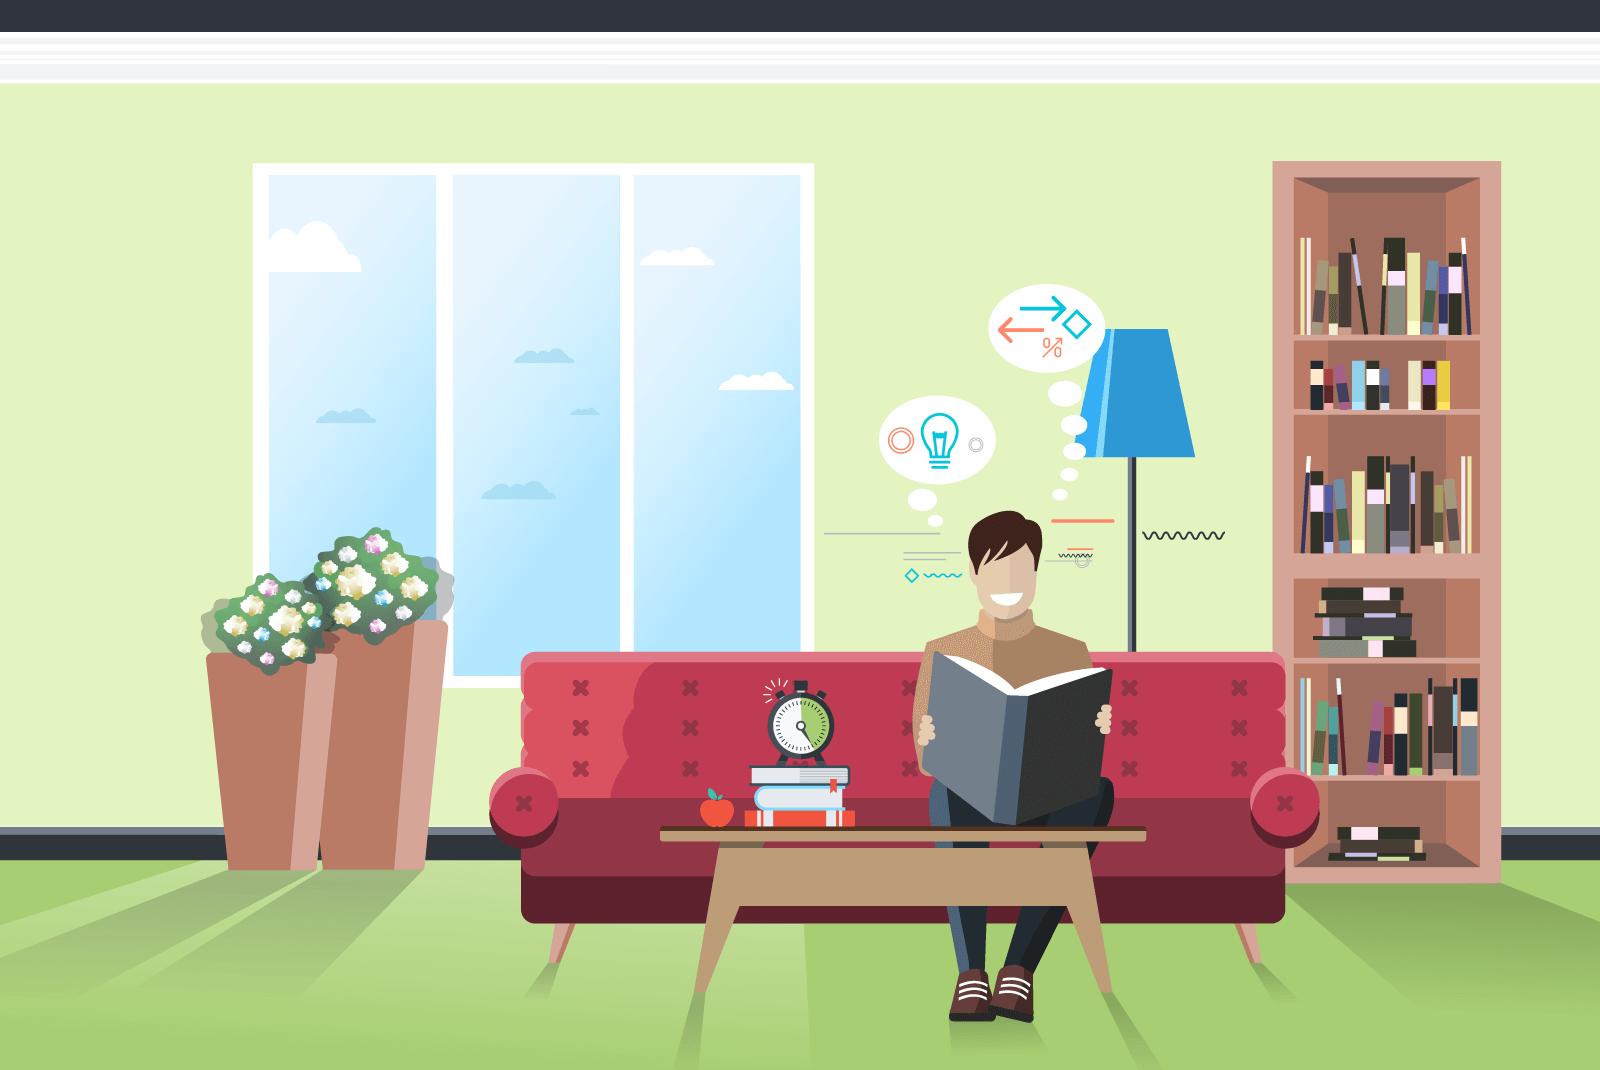 Ein Mann sitzt lesend und lernend auf einer couch